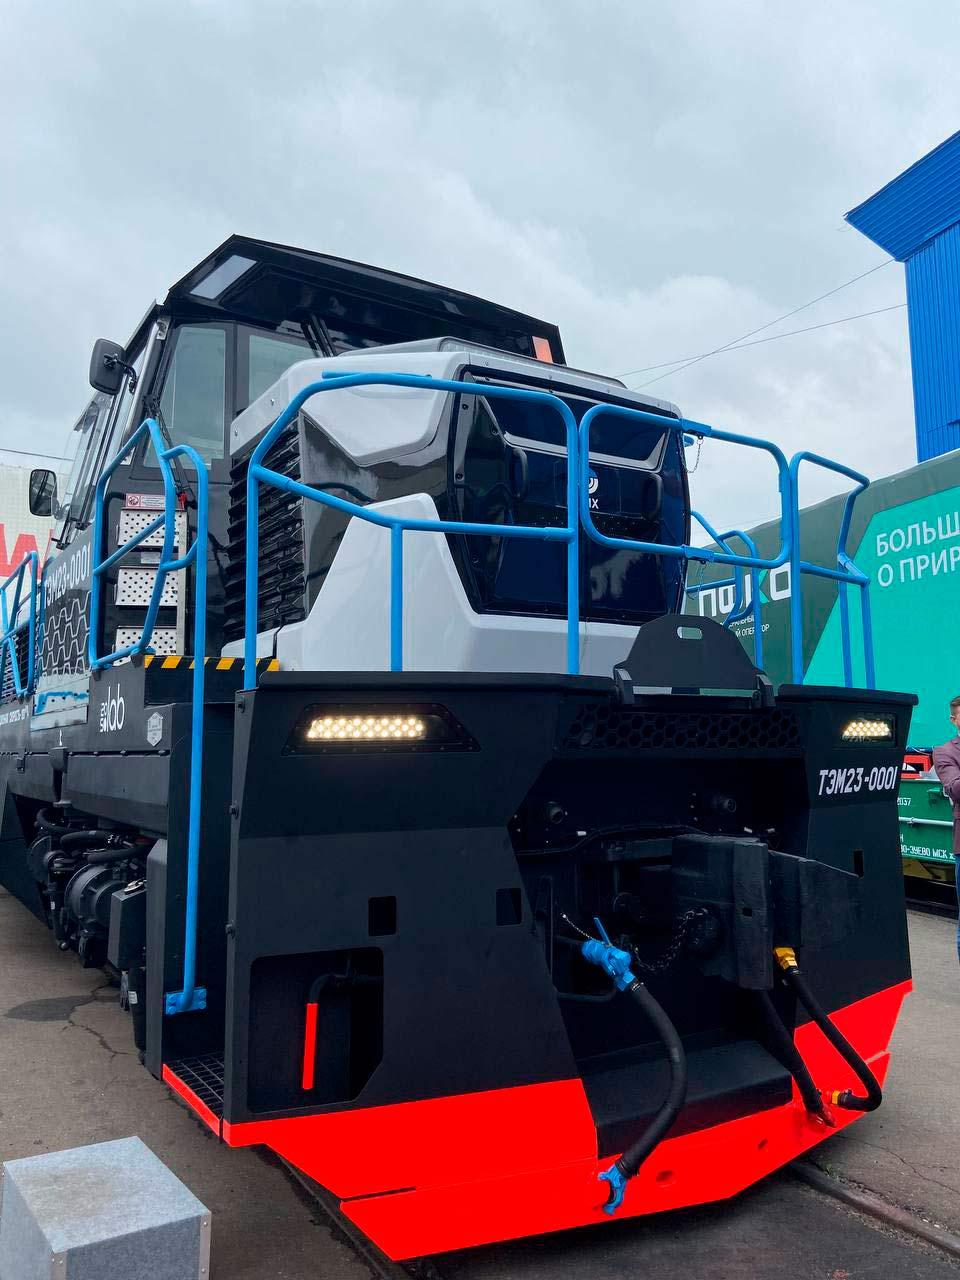 дизайн новейшего маневрового локомотива ТЭМ23